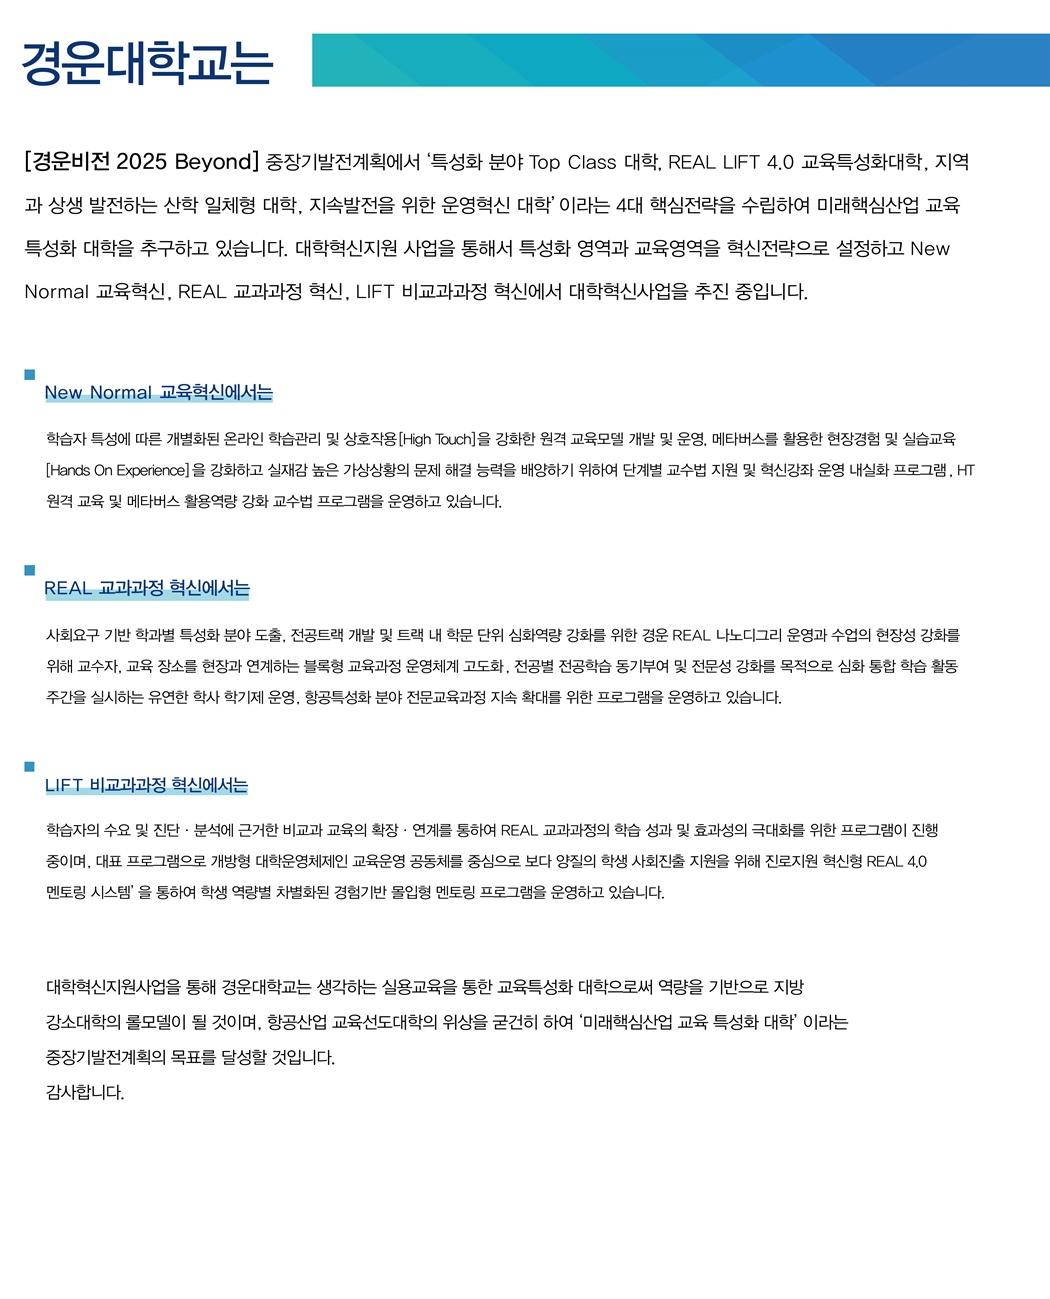 대학혁신지원사업단 소개